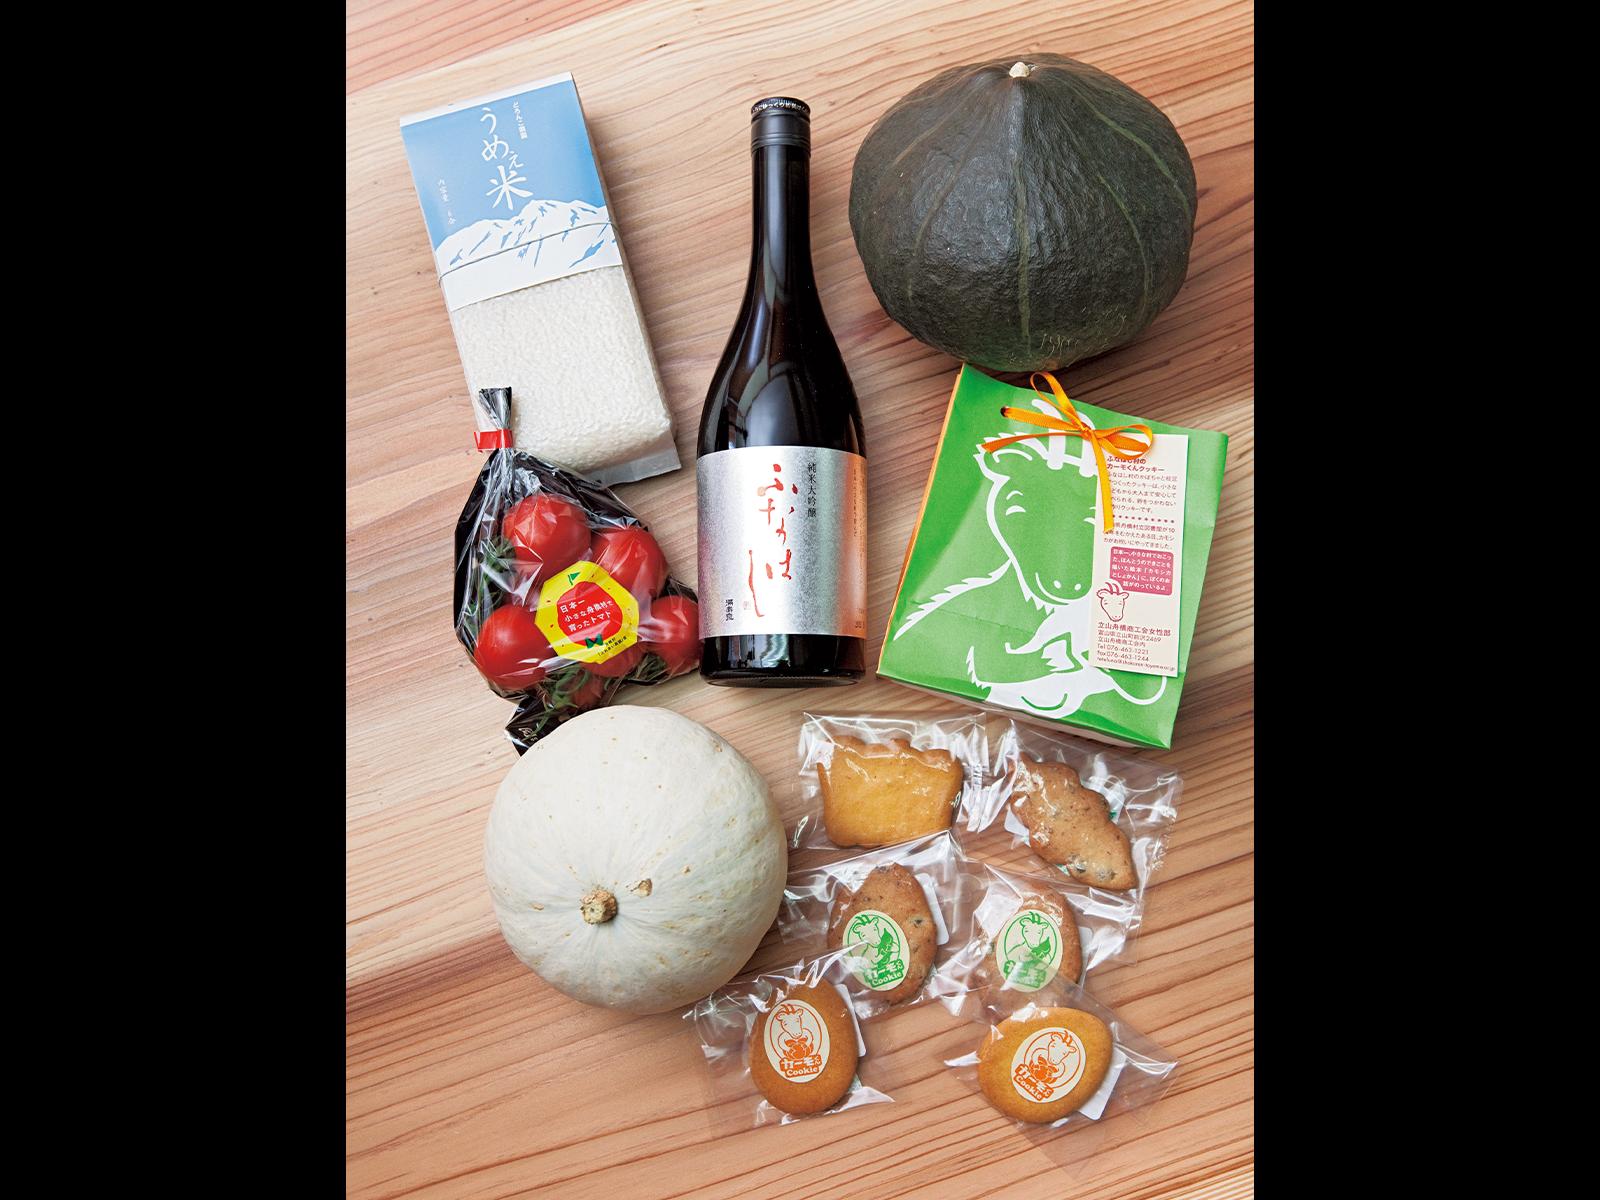 舟橋村で採れた米や野菜、それを原料にしてつくった酒や加工品など。農業ブランド化プロジェクトの対象になることによって、商品の魅力にいっそう磨きがかかる!